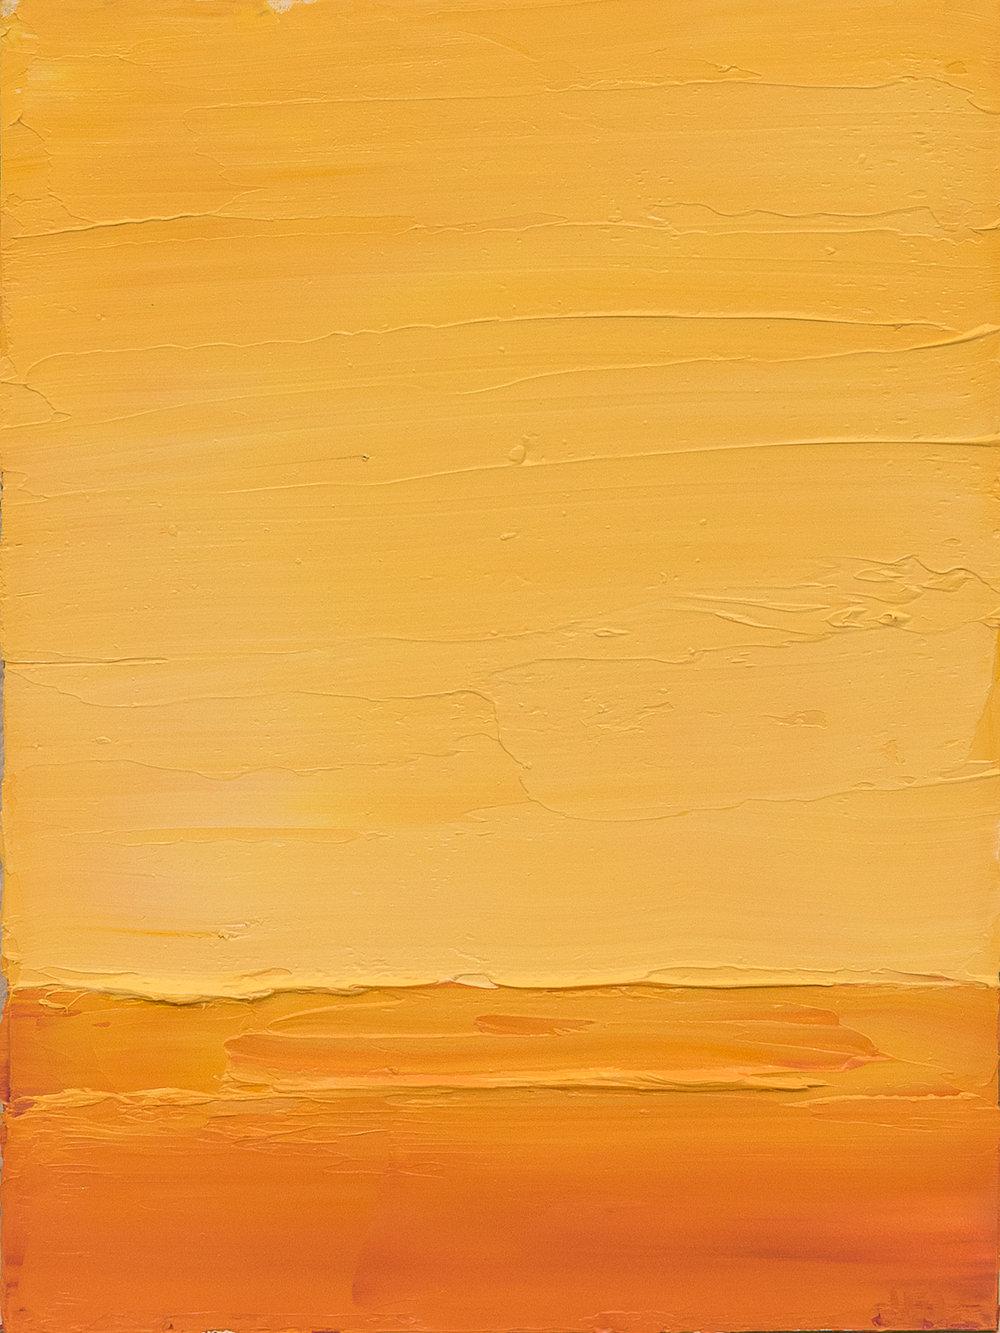 Sunset rhythms #1